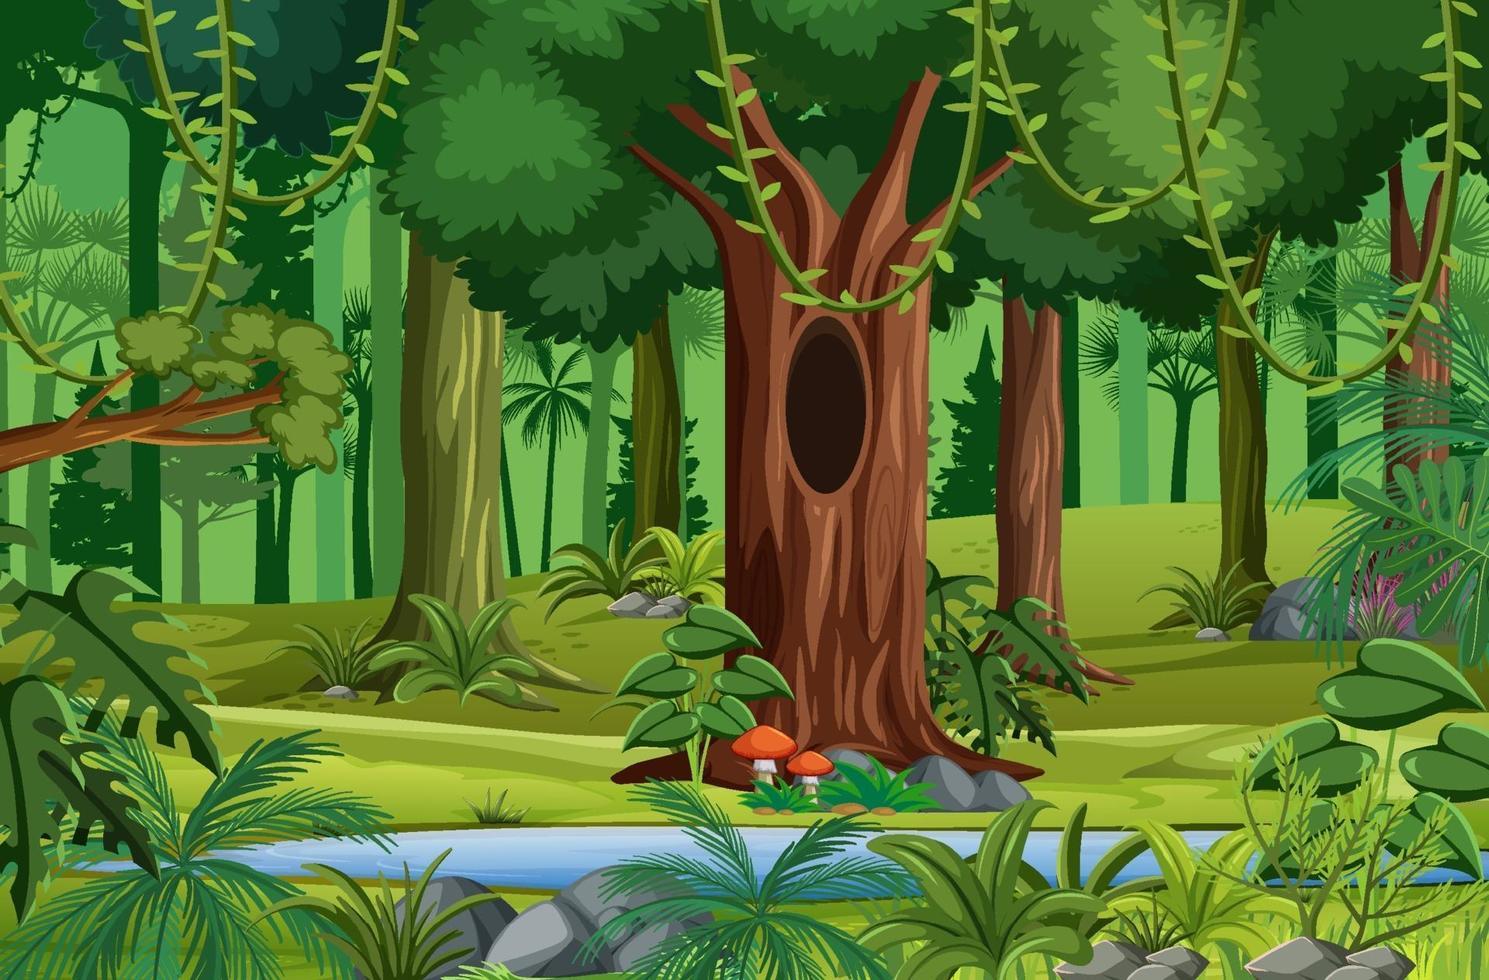 skogsscen med liana och många träd vektor